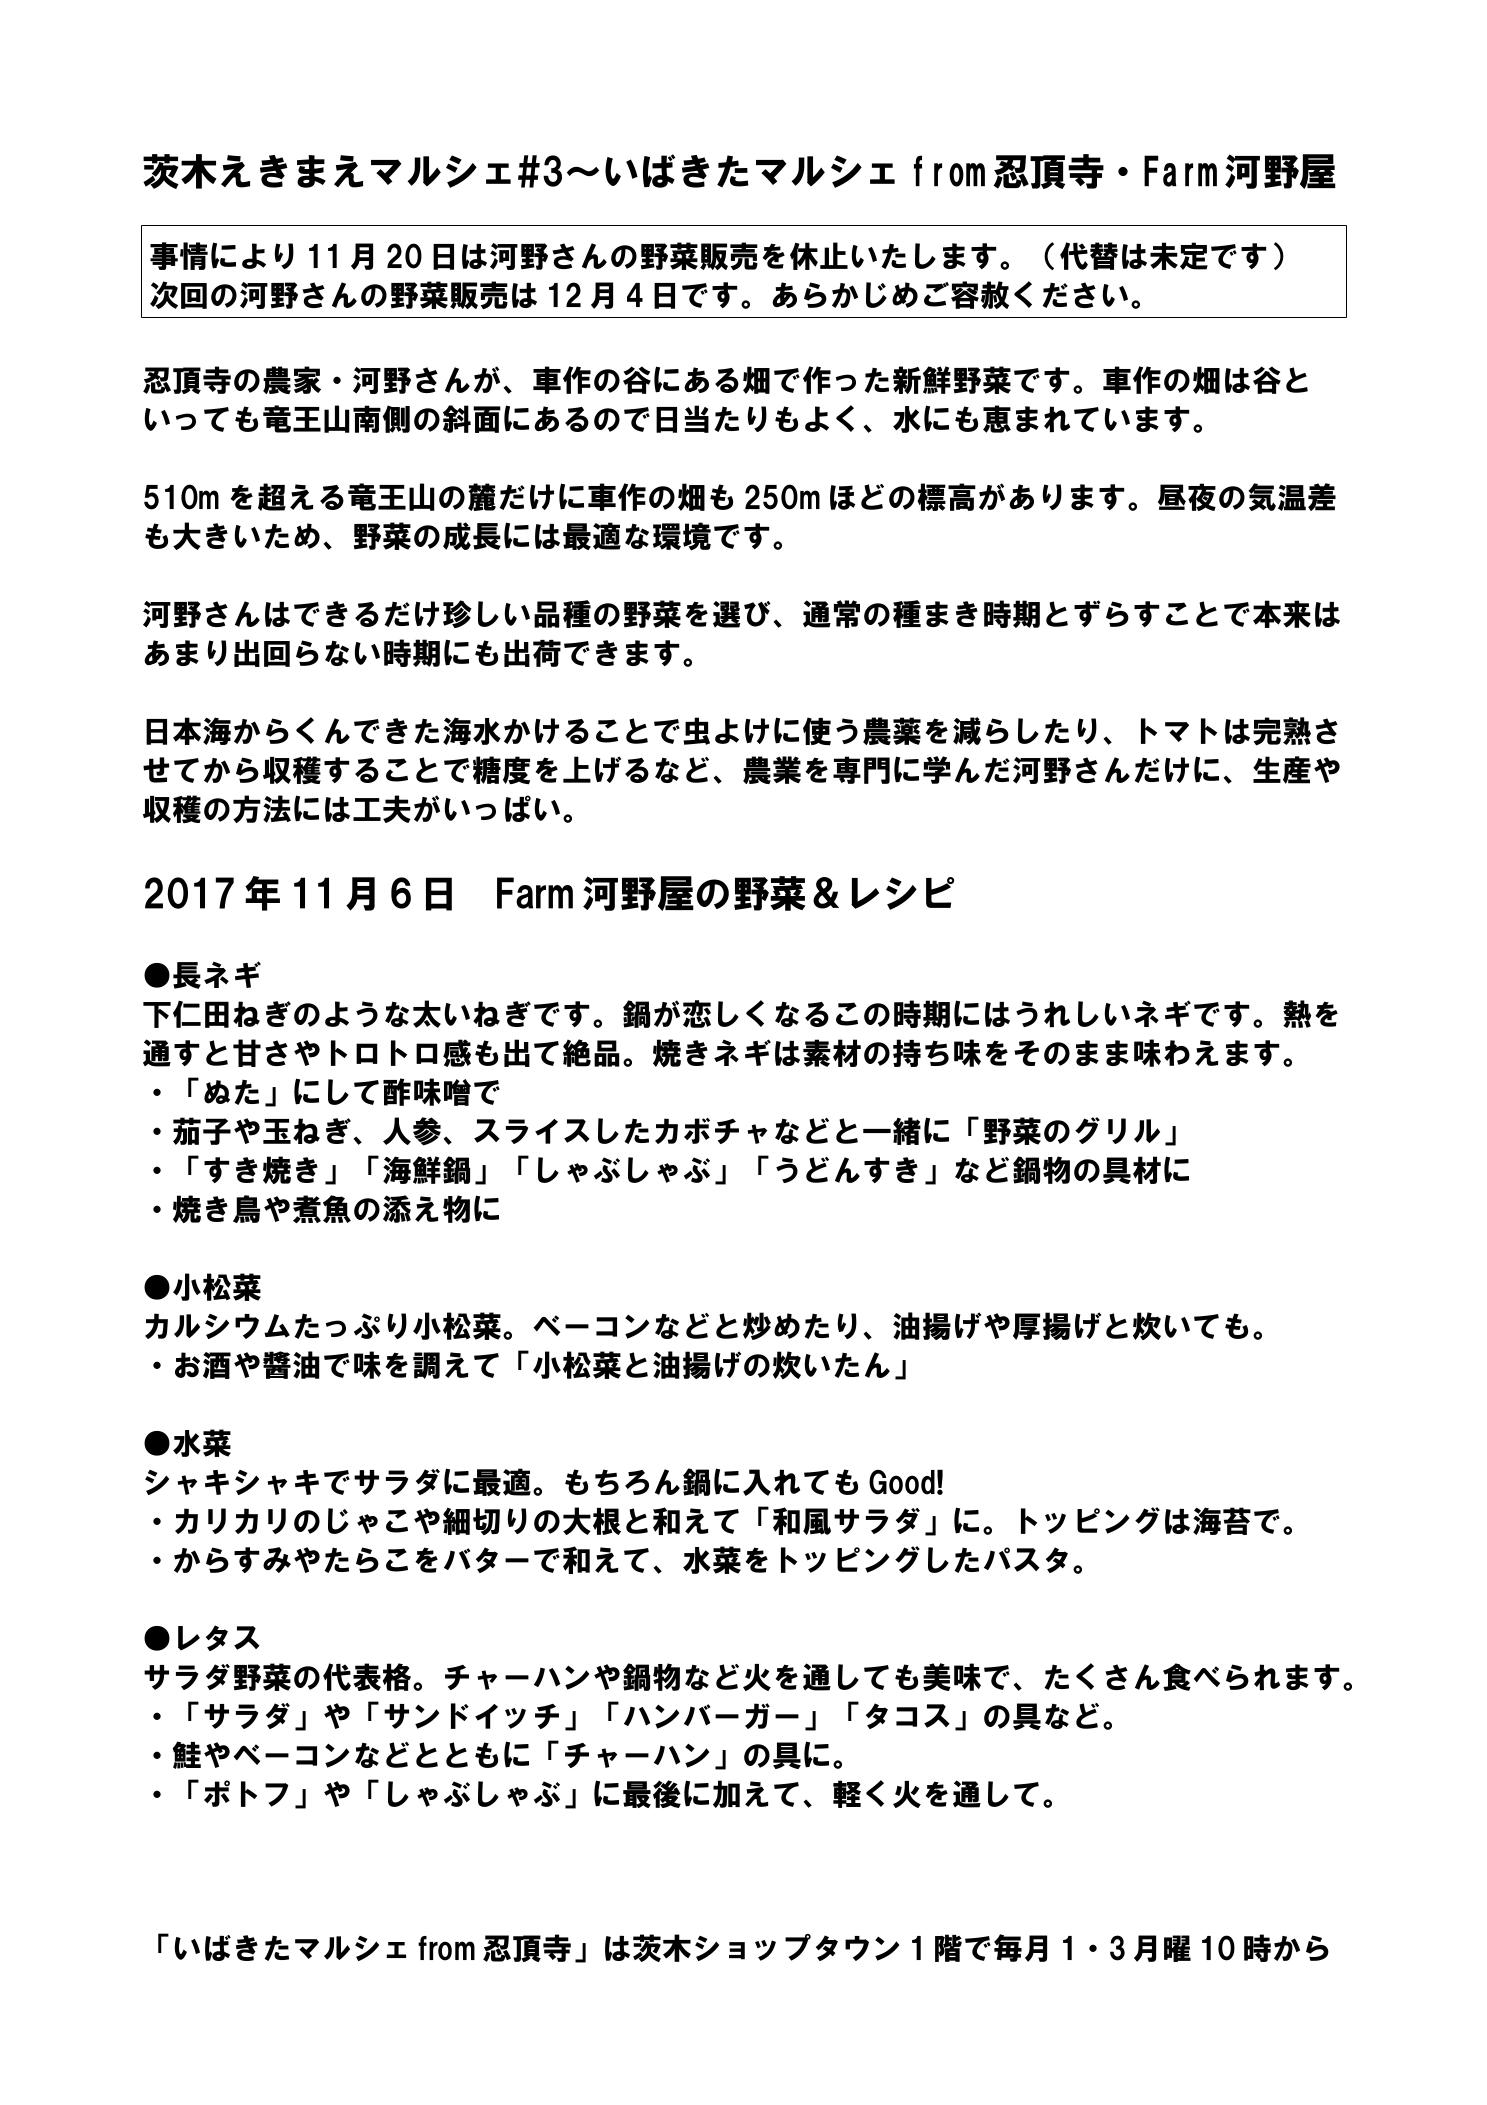 茨木えきまえマルシェ#3~いばきたマルシェfrom忍頂寺Farm河野屋野菜レシピ